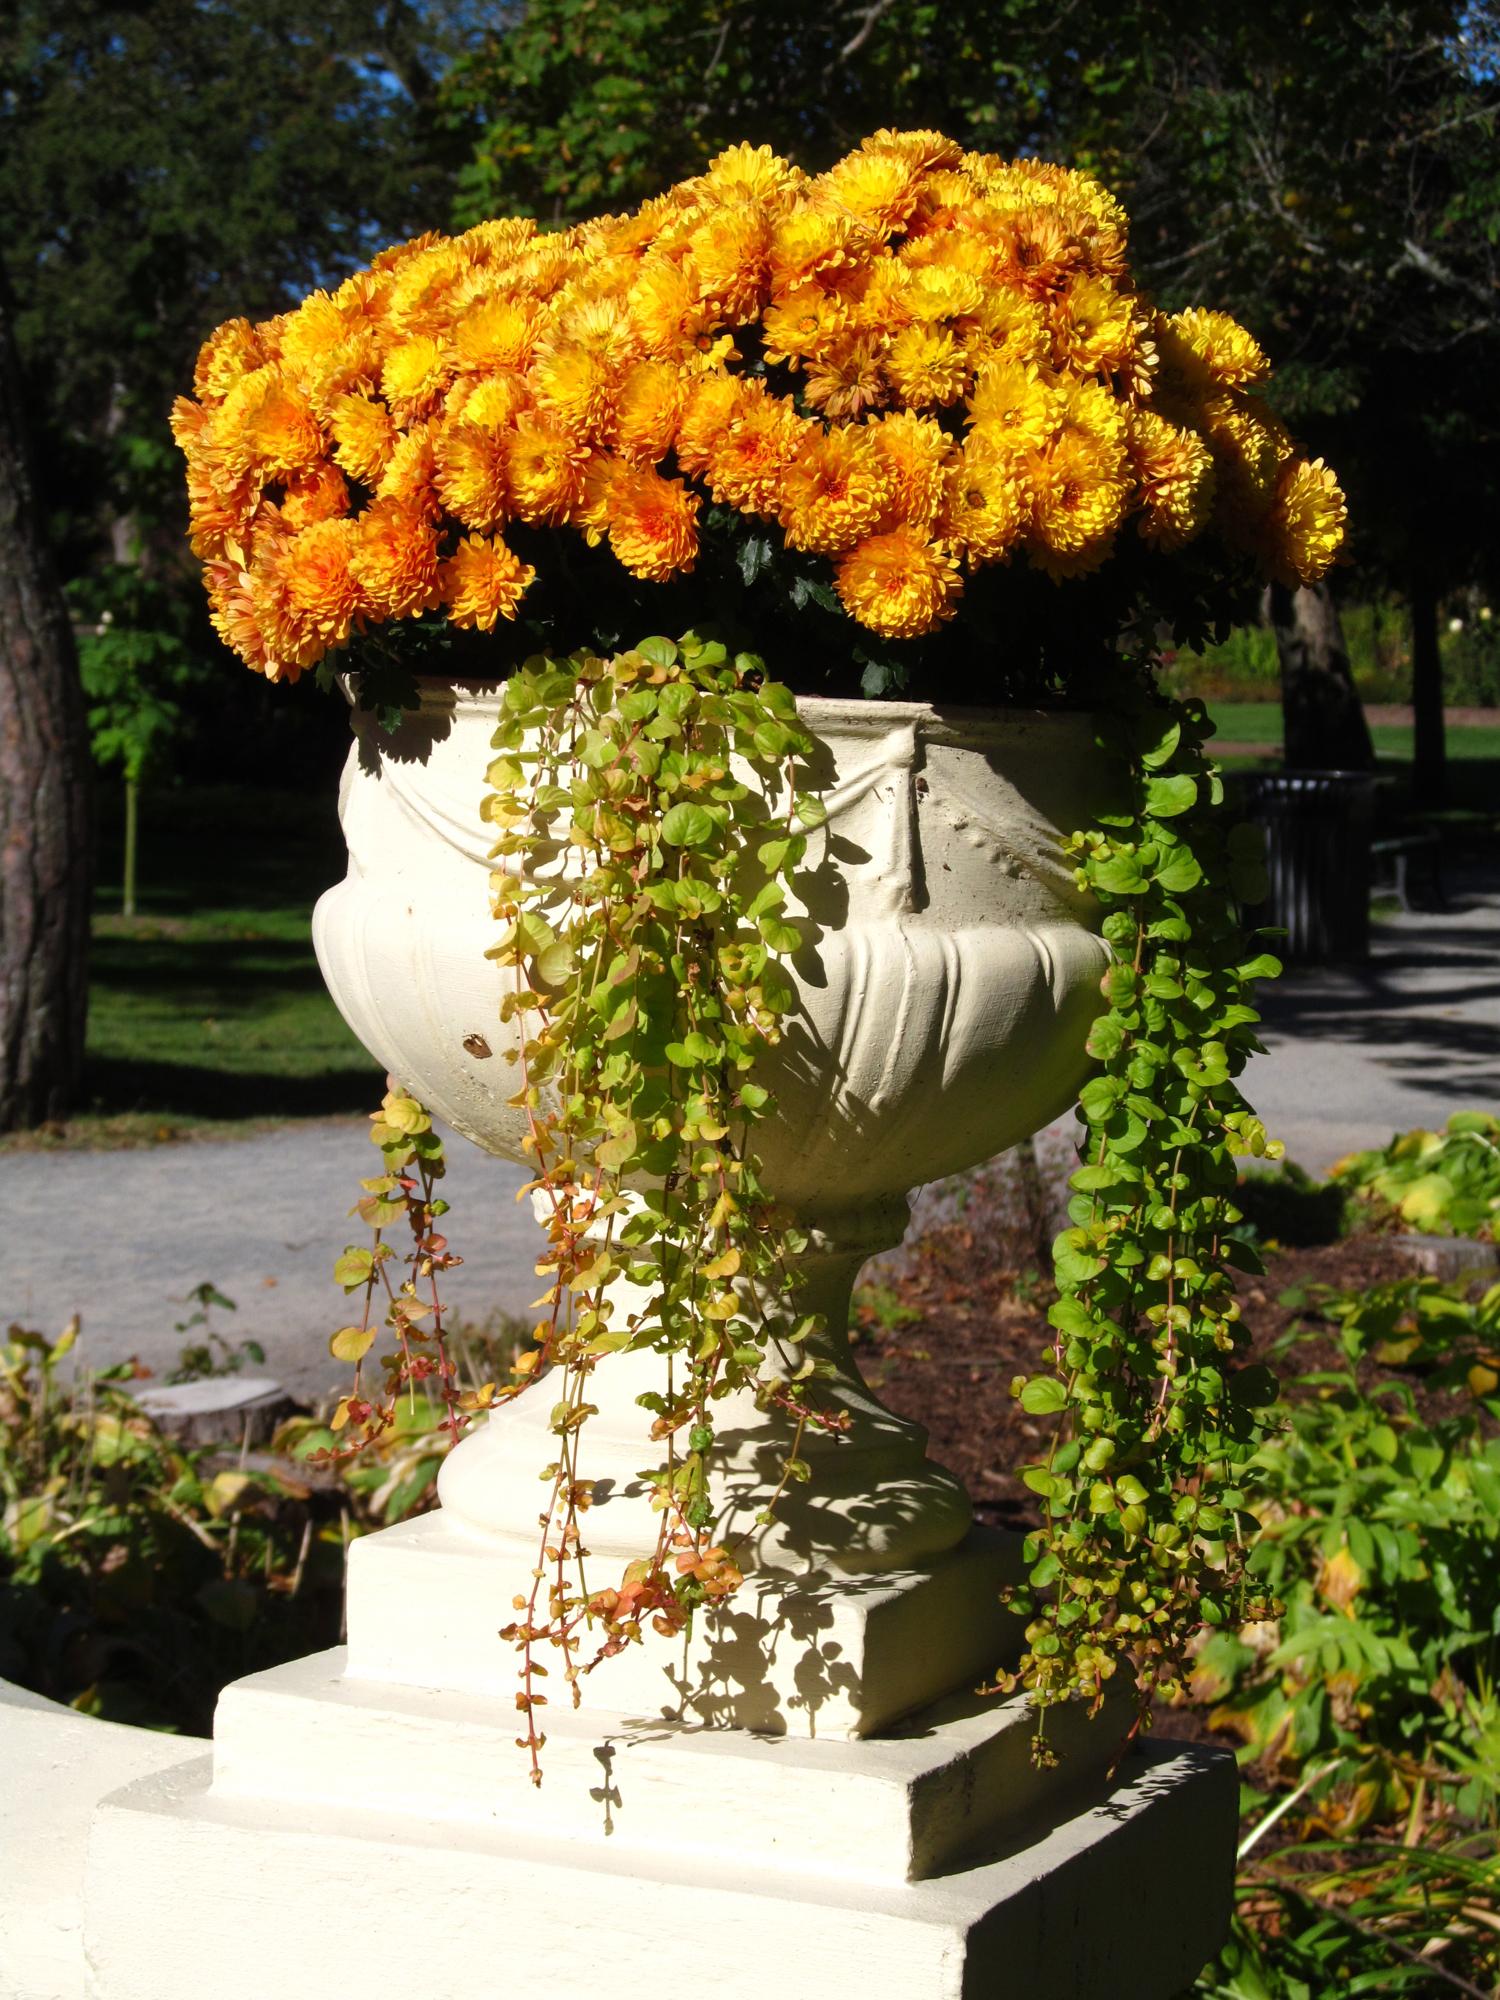 Chrysthanthemums